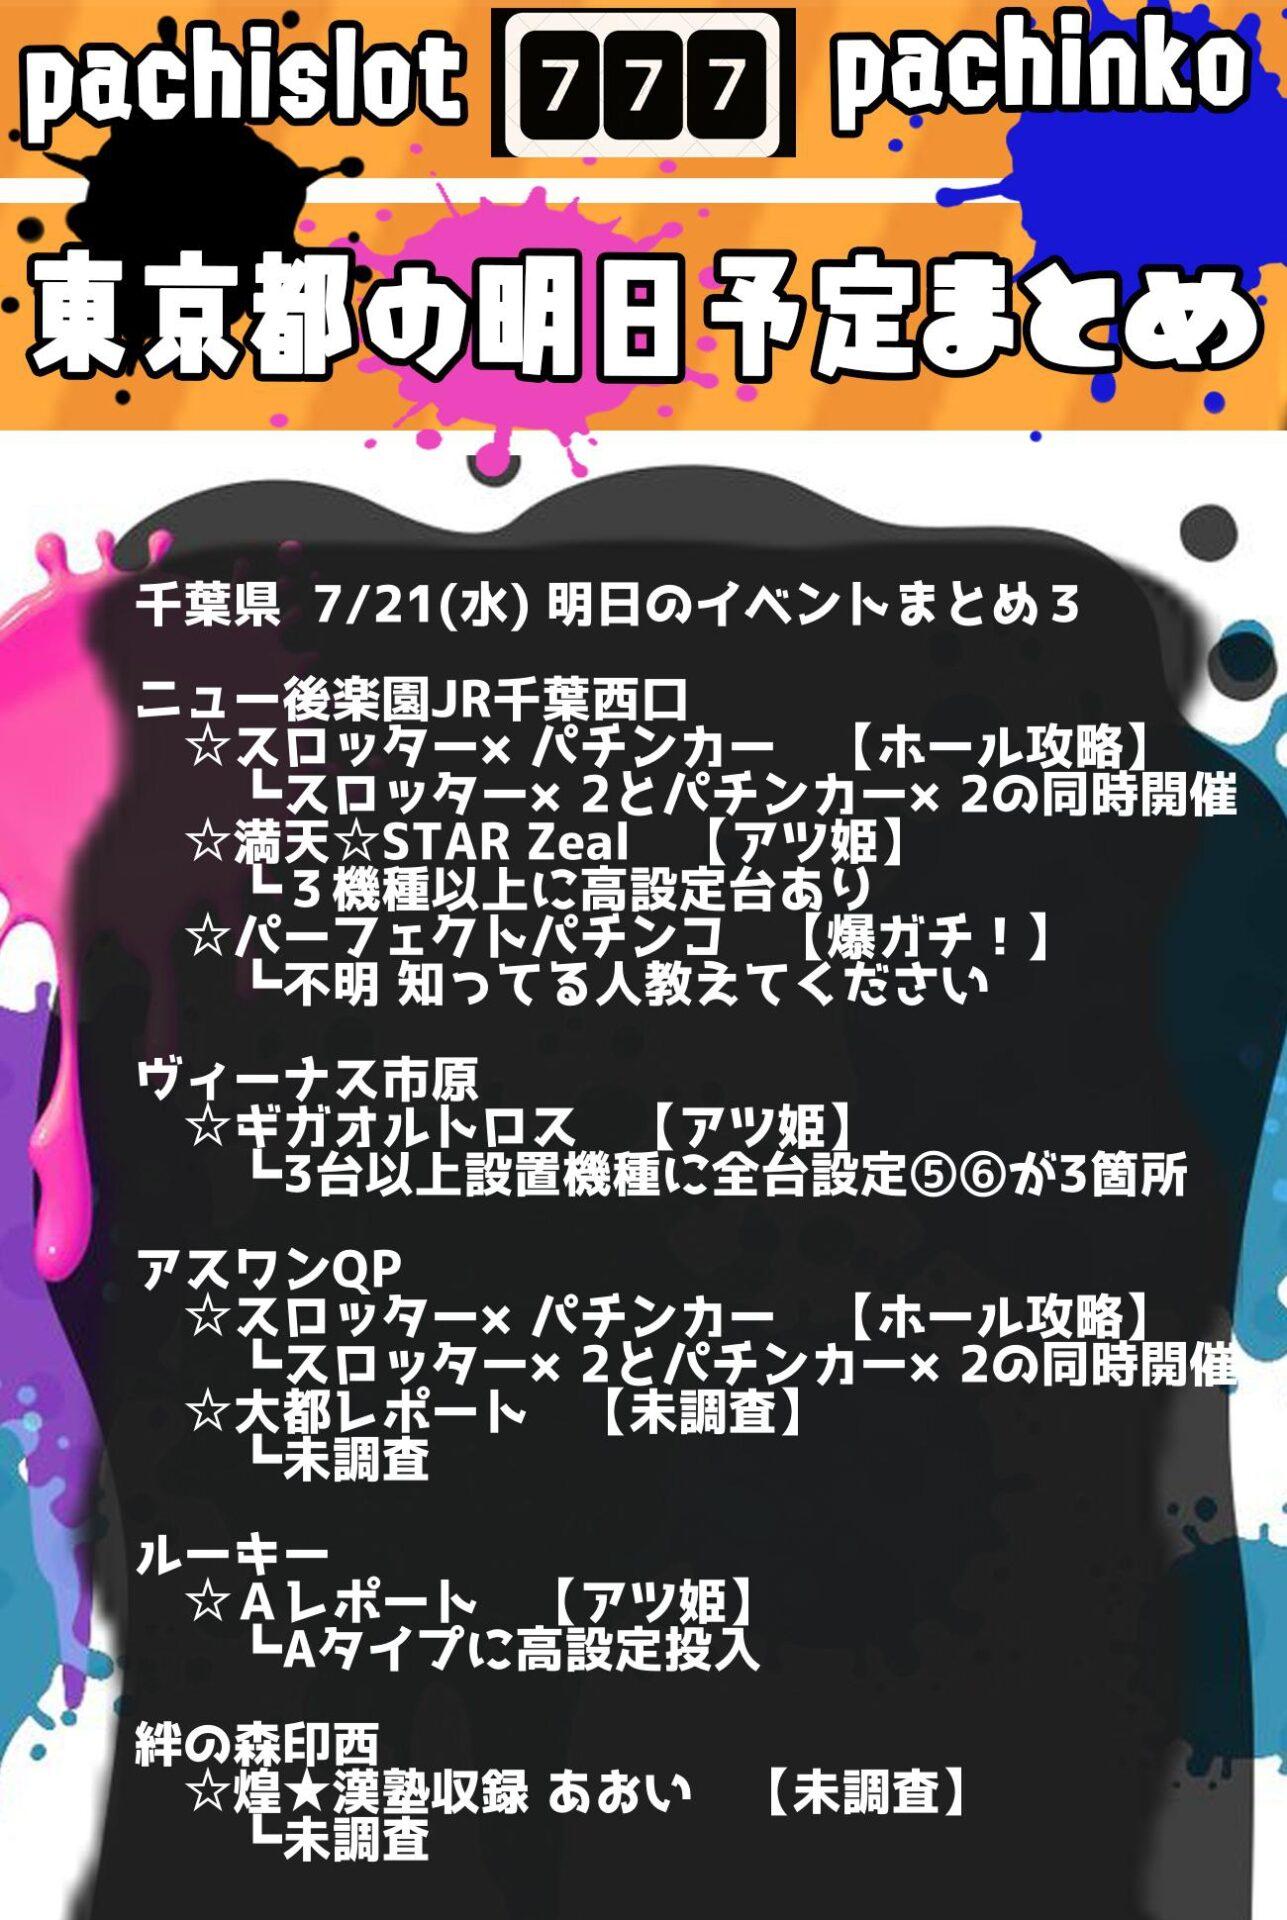 千葉県_2021-07-21_パチンコ・パチスロ_イベント